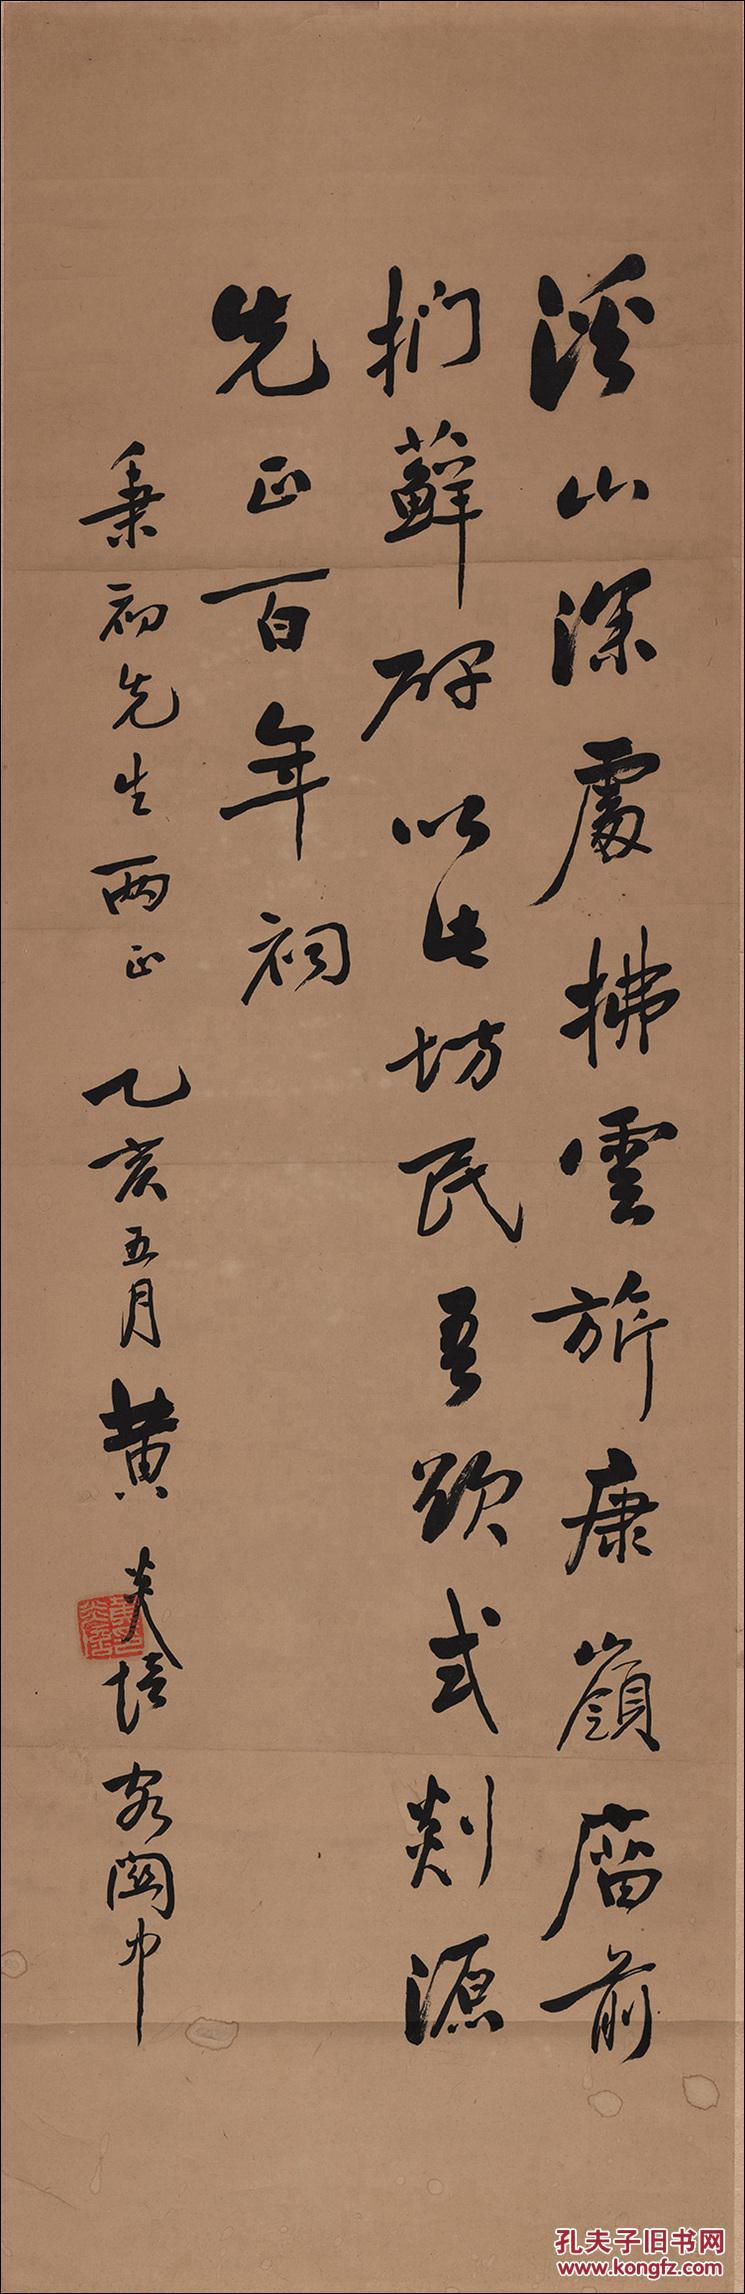 定制 近现代 黄炎培 书法行书轴(溪山深处) 书法 条幅图片